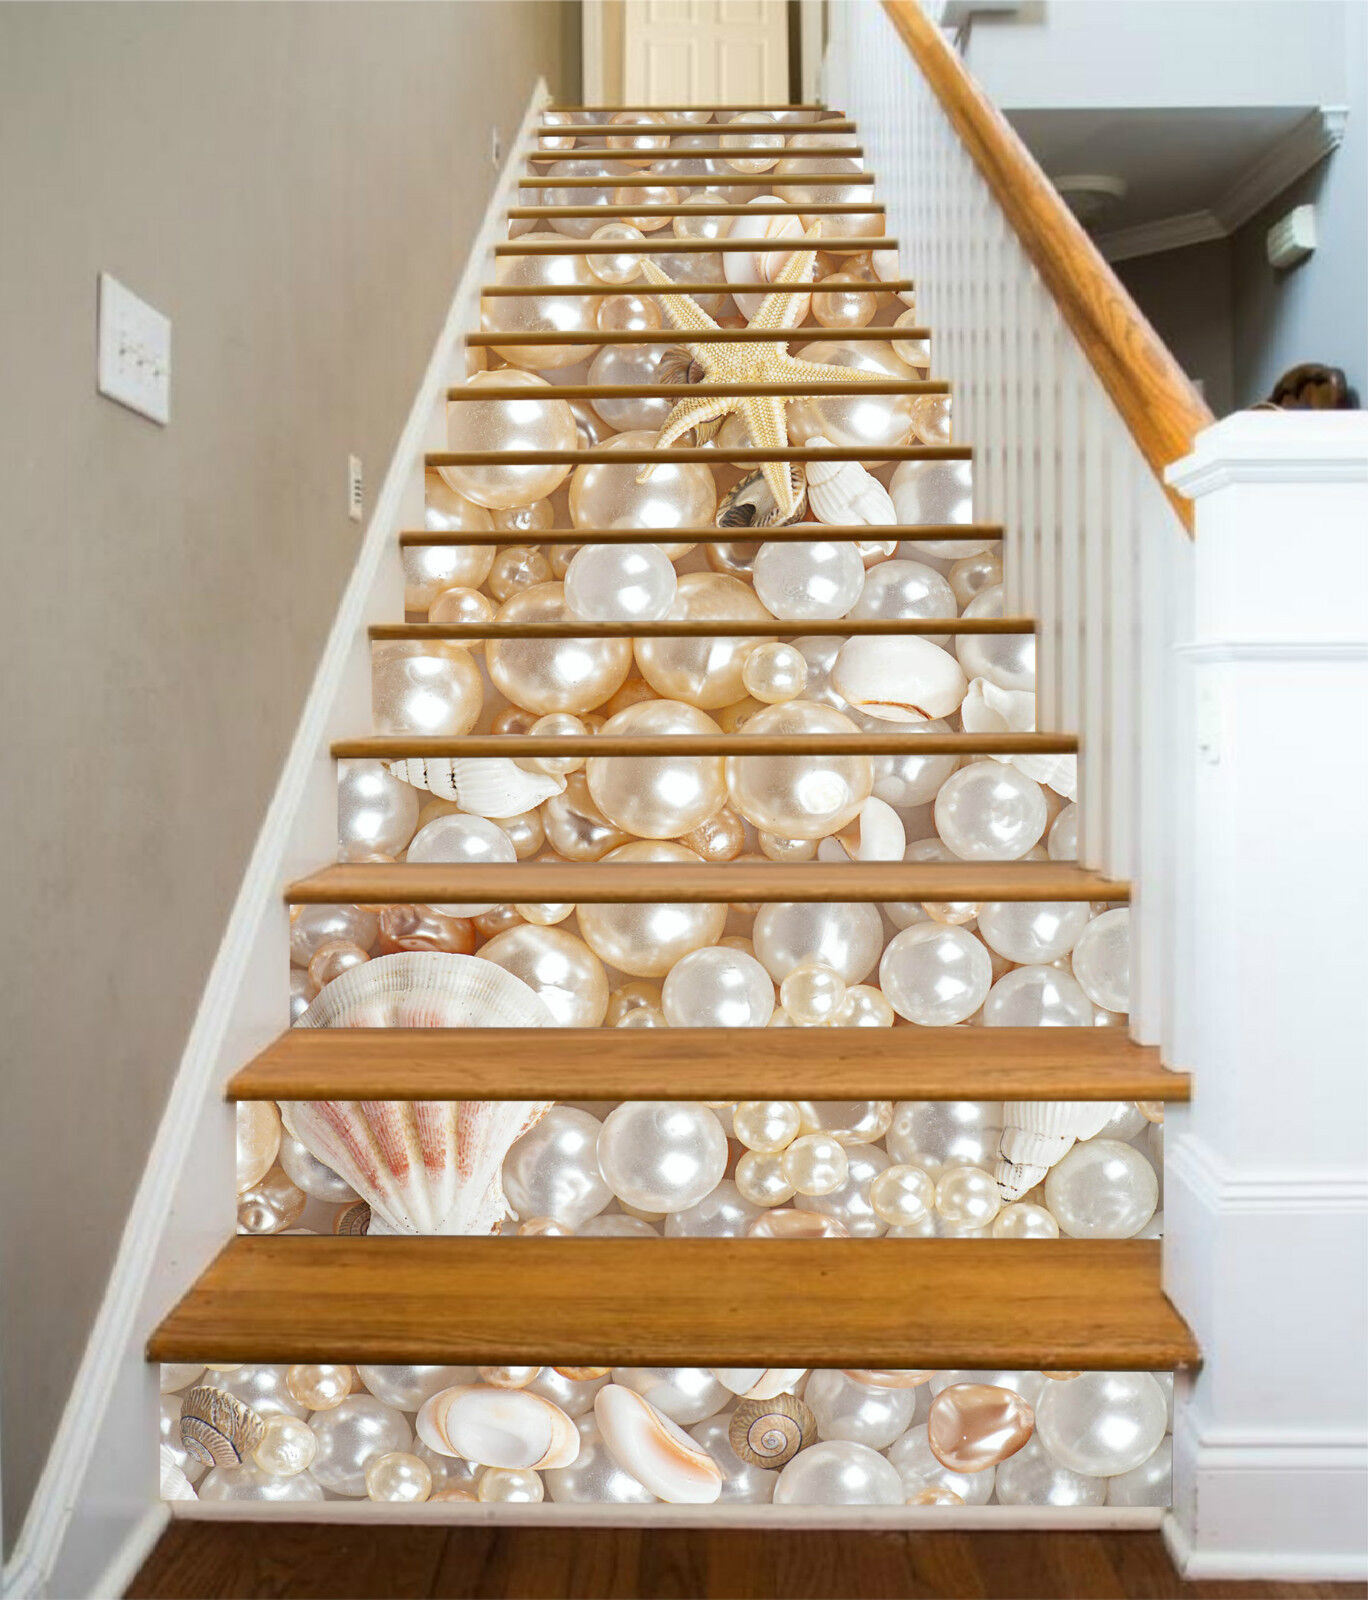 3D Perle Schale 357 Stair Risers Dekoration Fototapete Vinyl Aufkleber Tapete DE